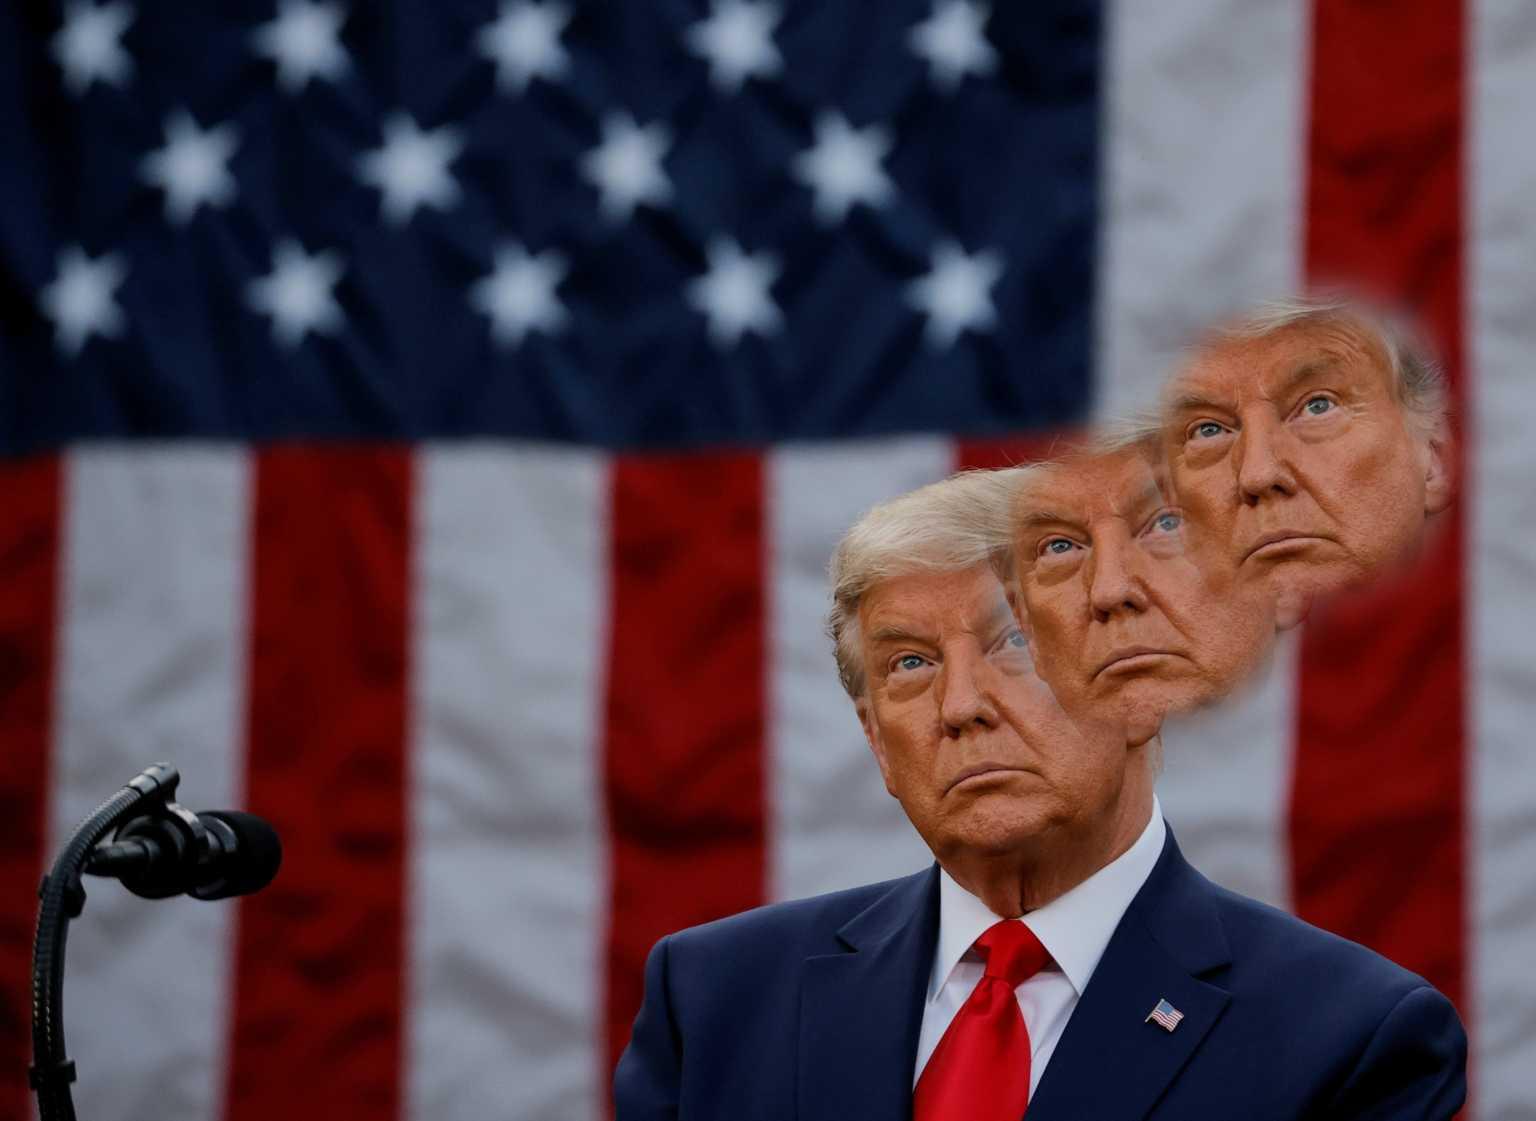 Τραμπ τέλος – Ο κόσμος το θέλει, οι Δημοκρατικοί το σχεδιάζουν